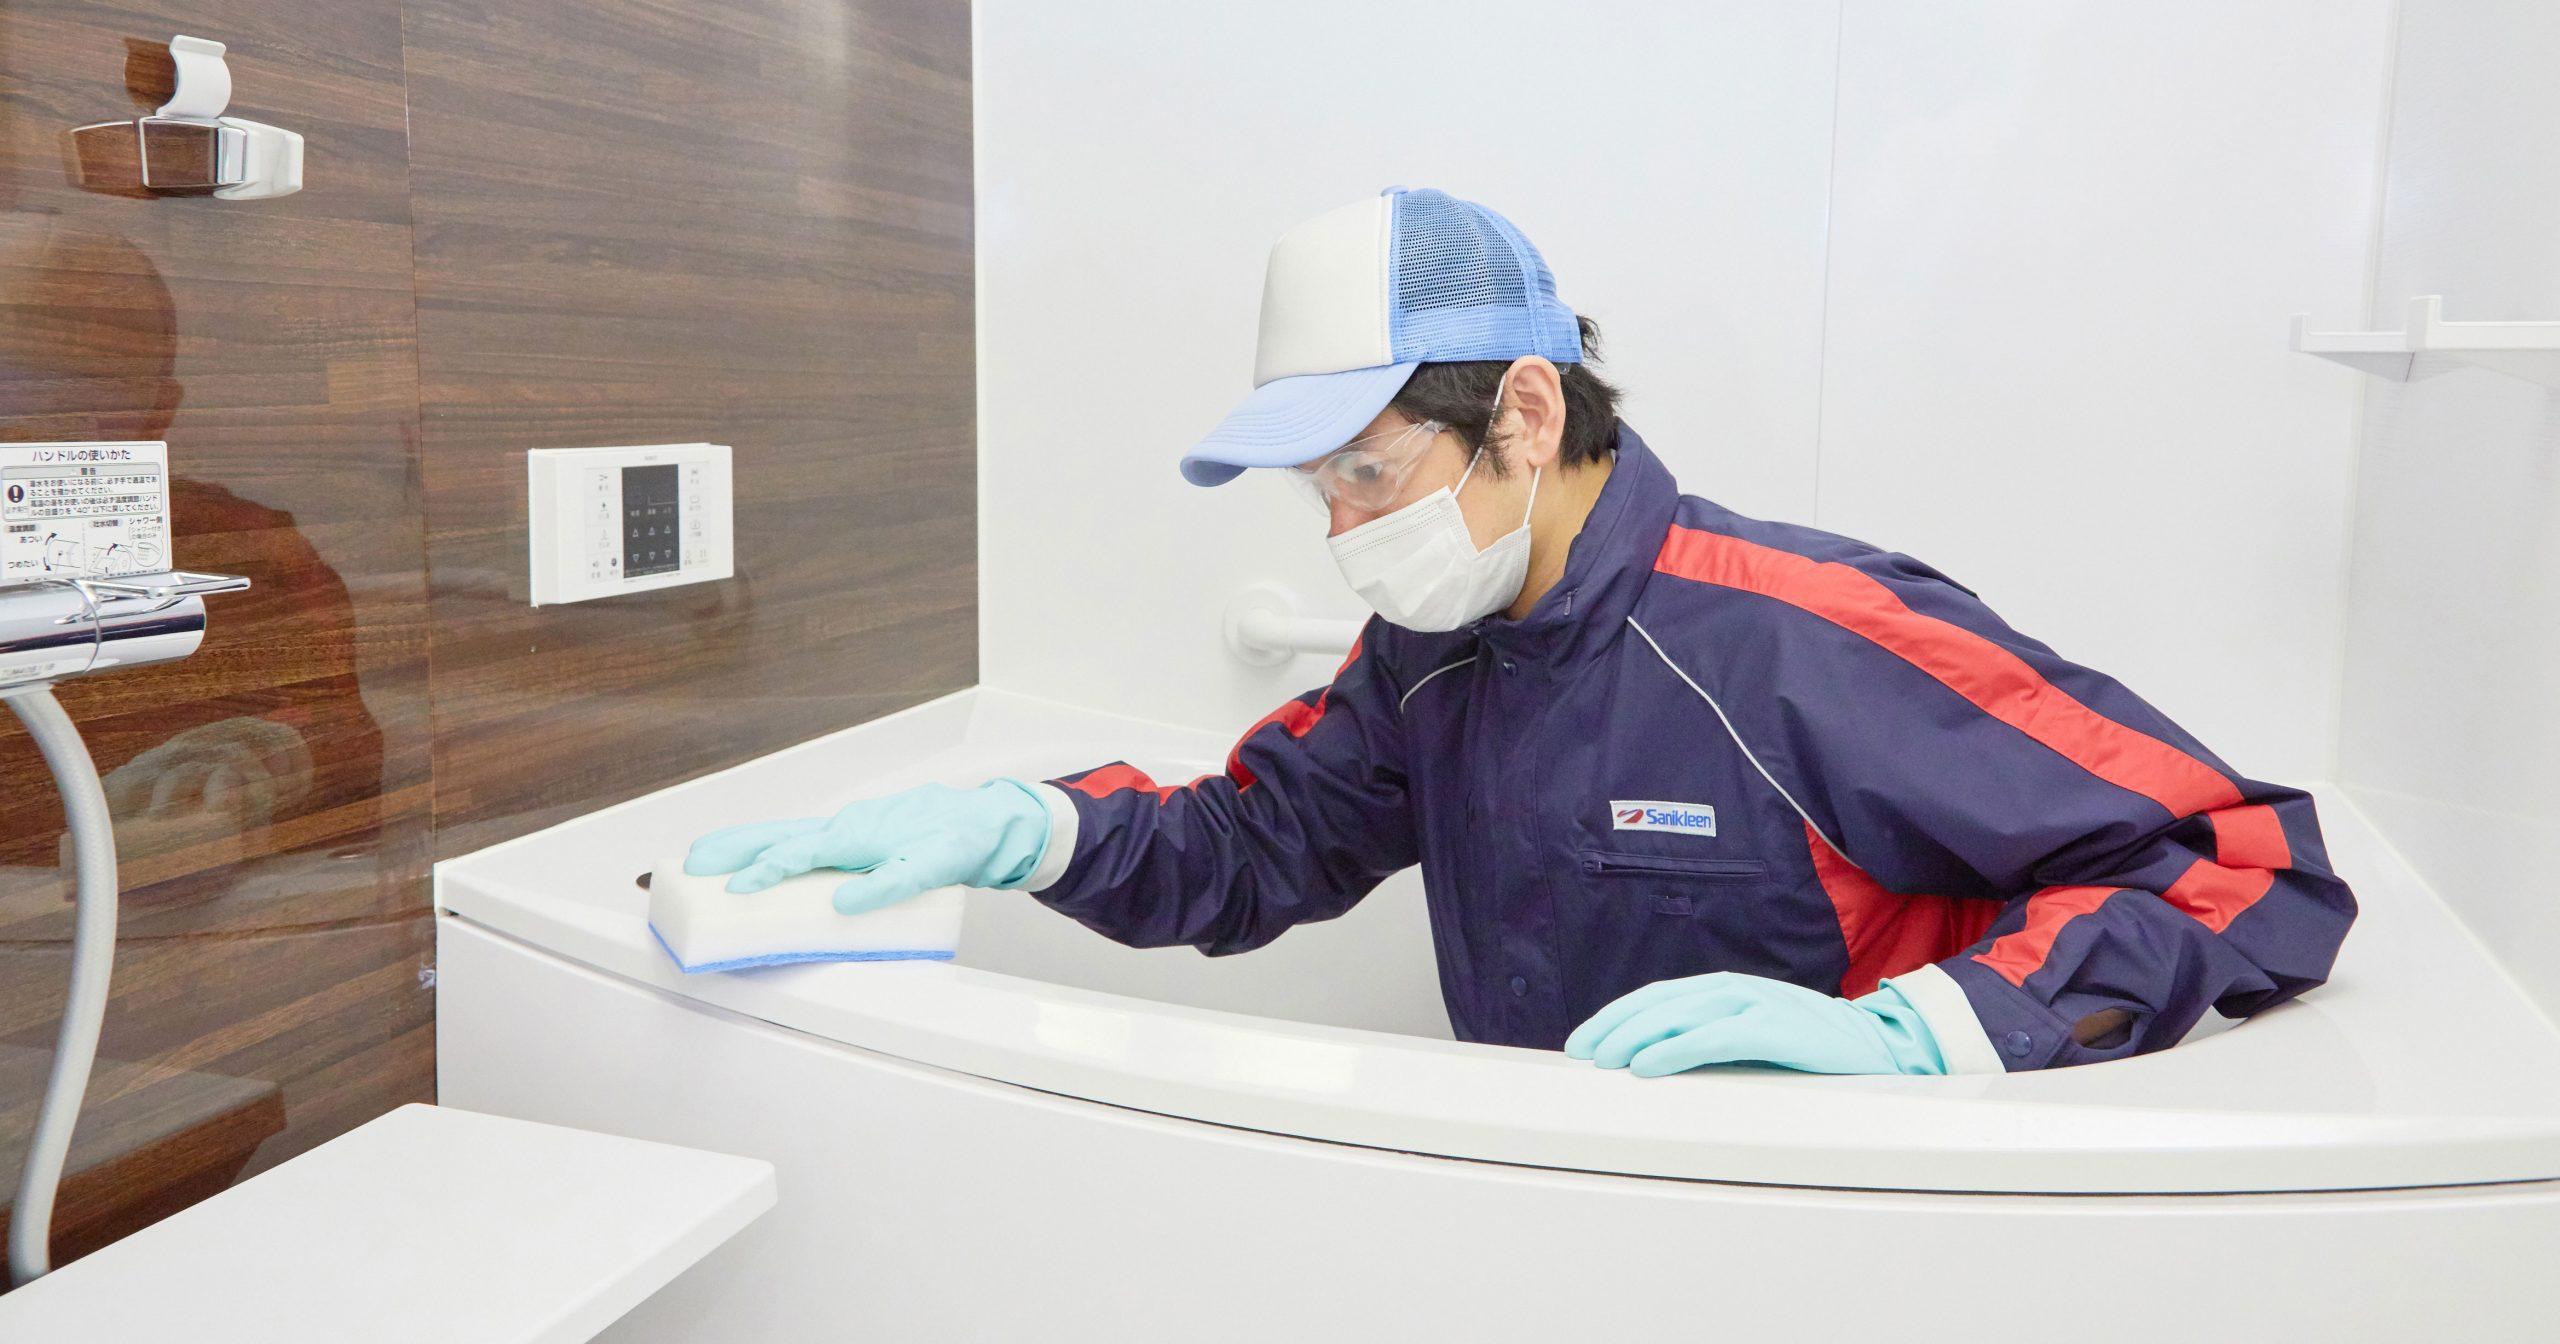 プロが浴槽をクリーニングしている写真